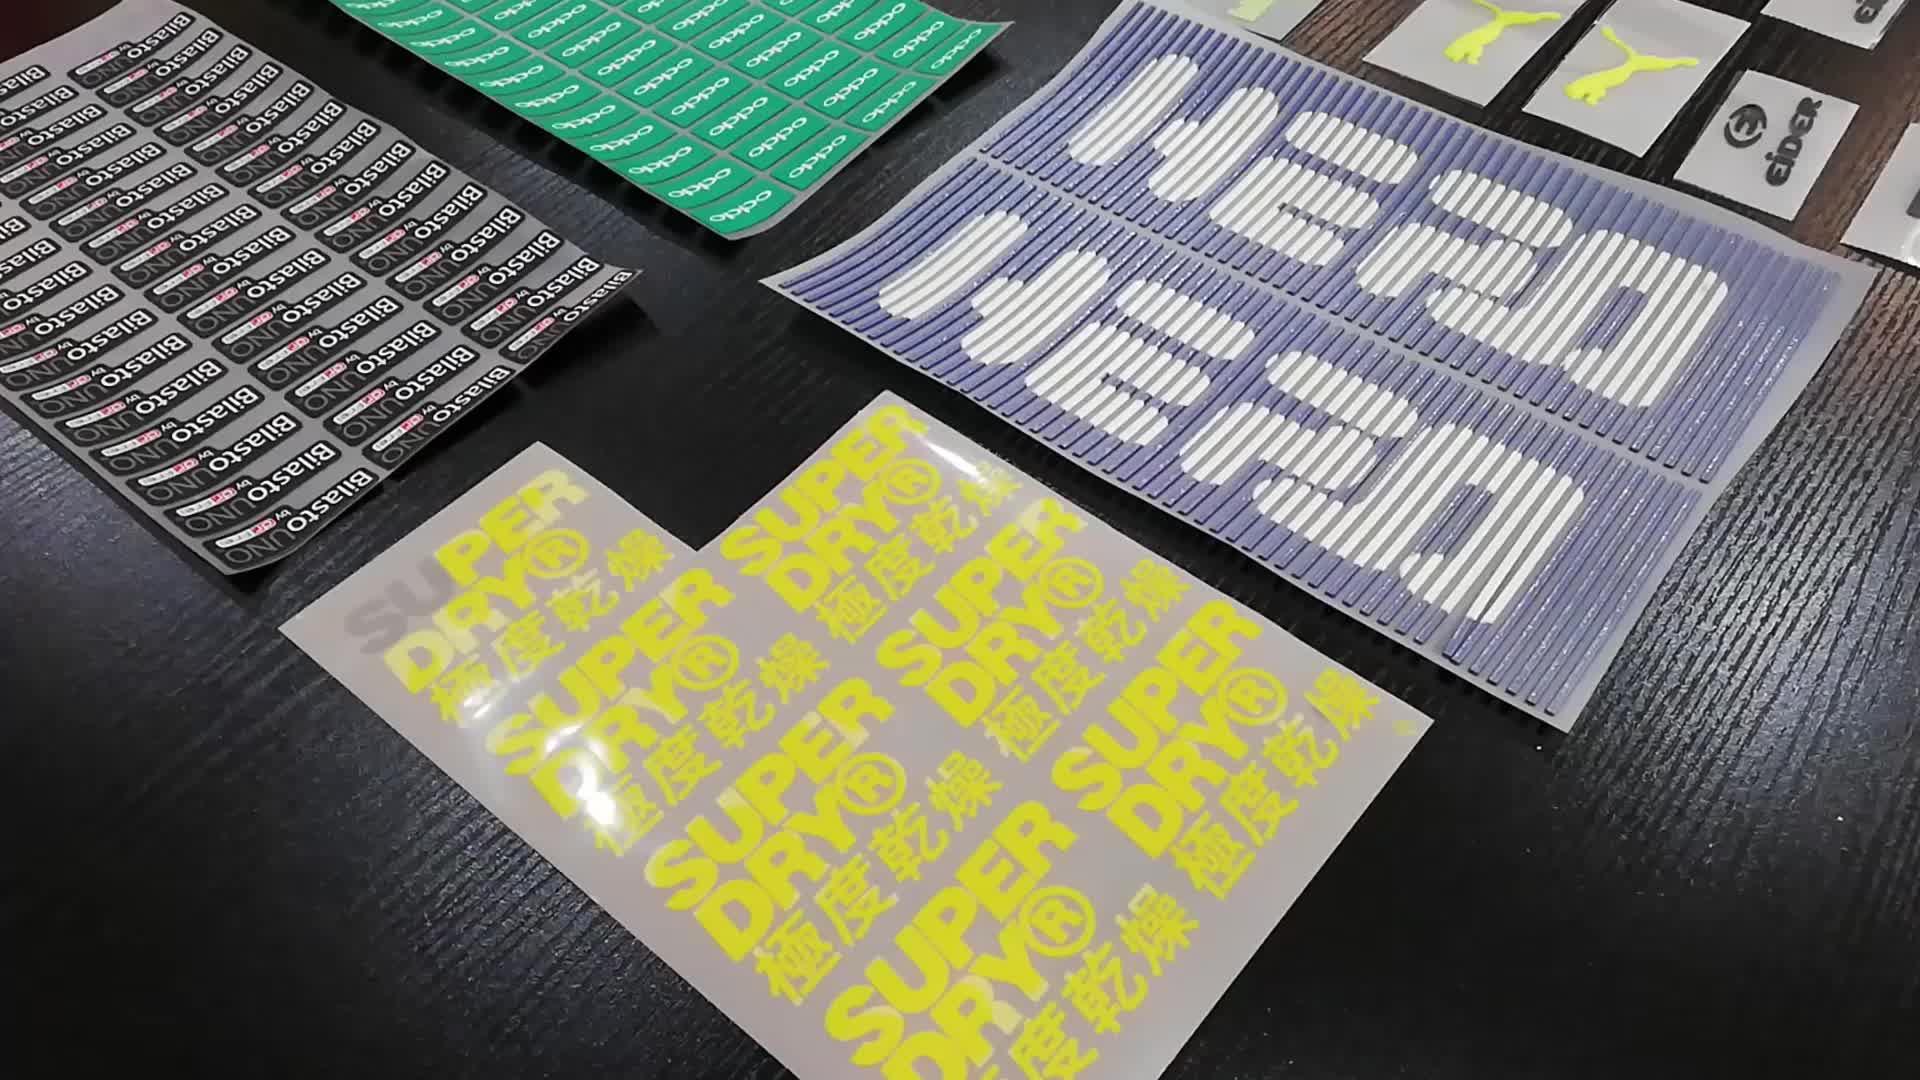 Fábrica de 3D logotipo de la marca de silicona de prensa de calor de etiquetas de transferencia